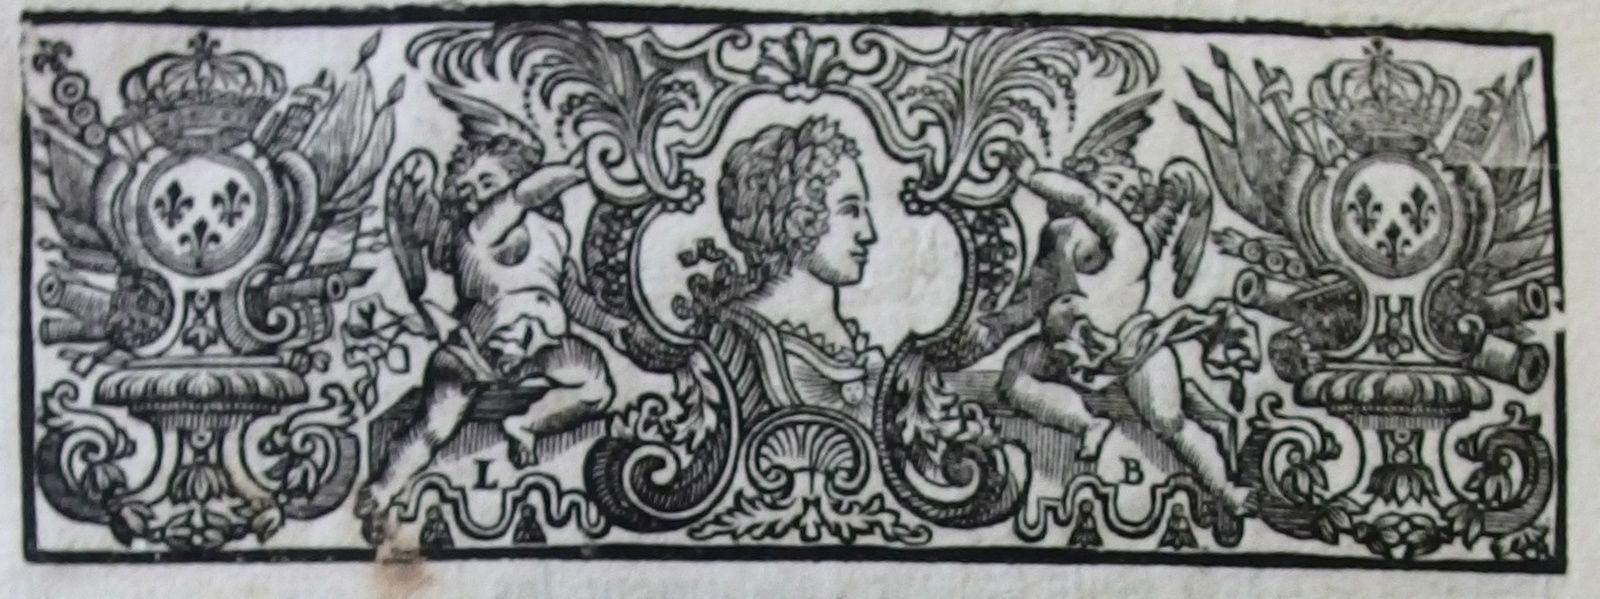 1739 - Les pauvres, mendiants et invalides...